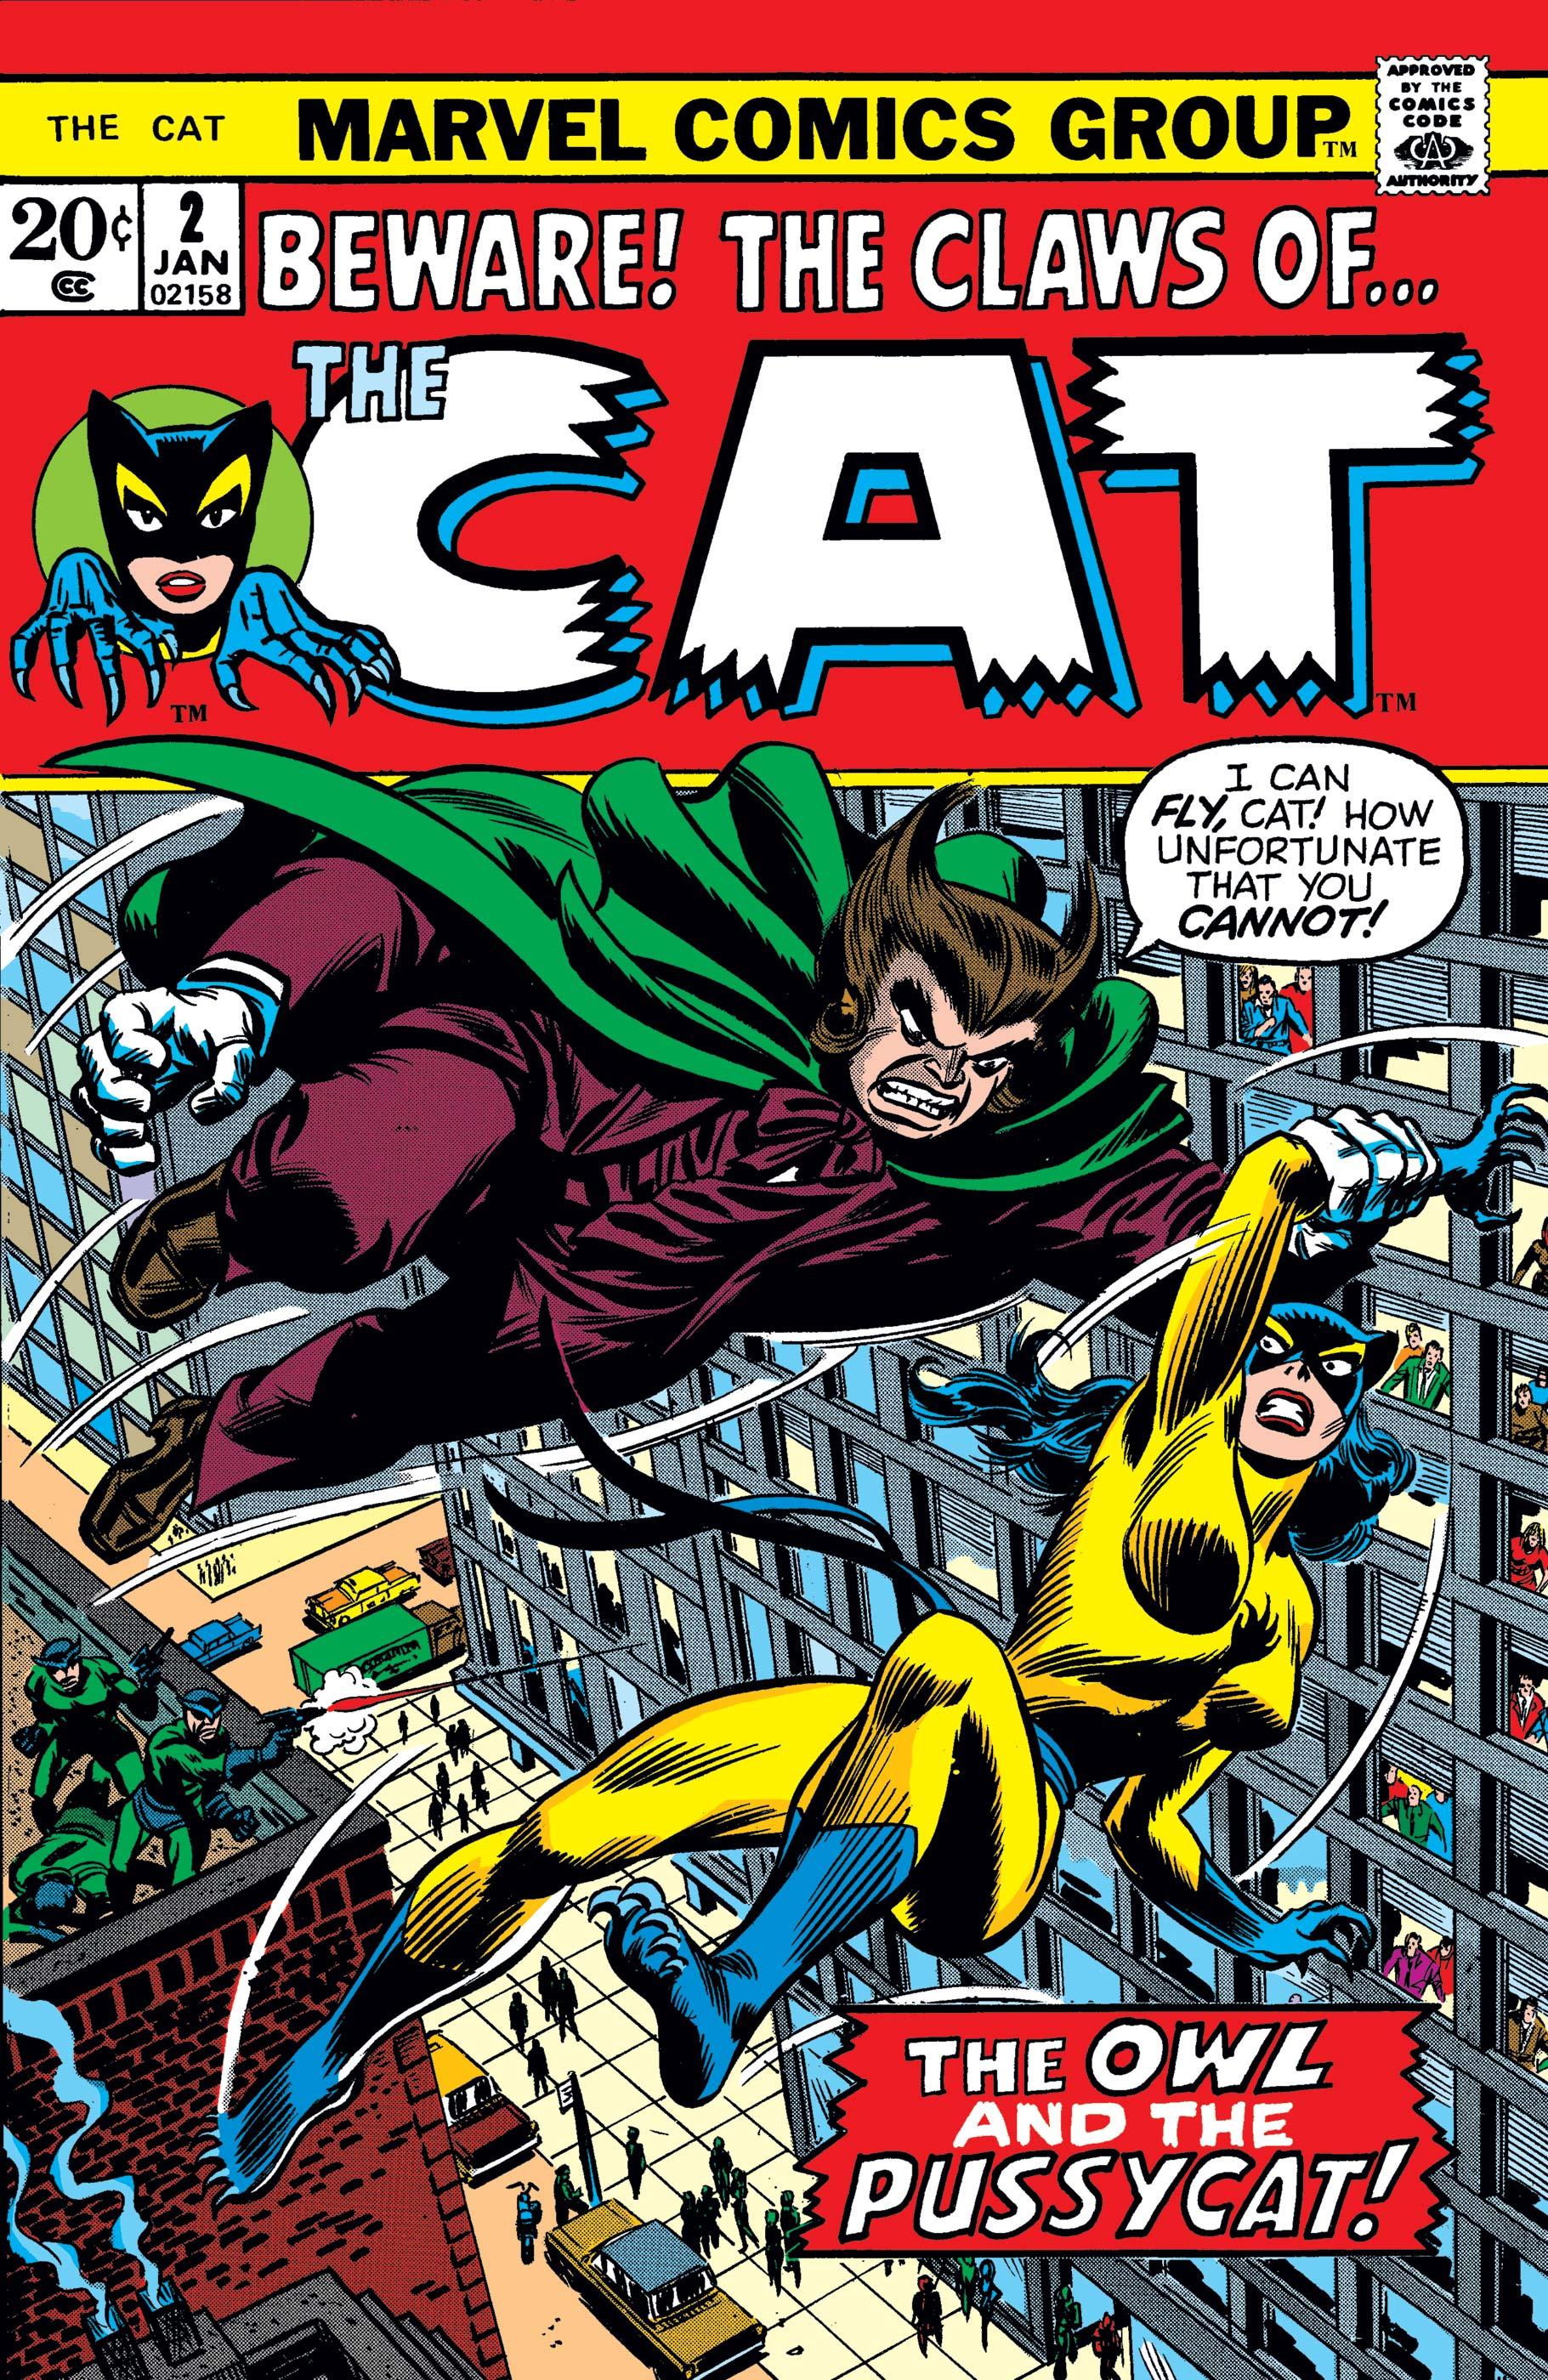 The Cat (1972) #2